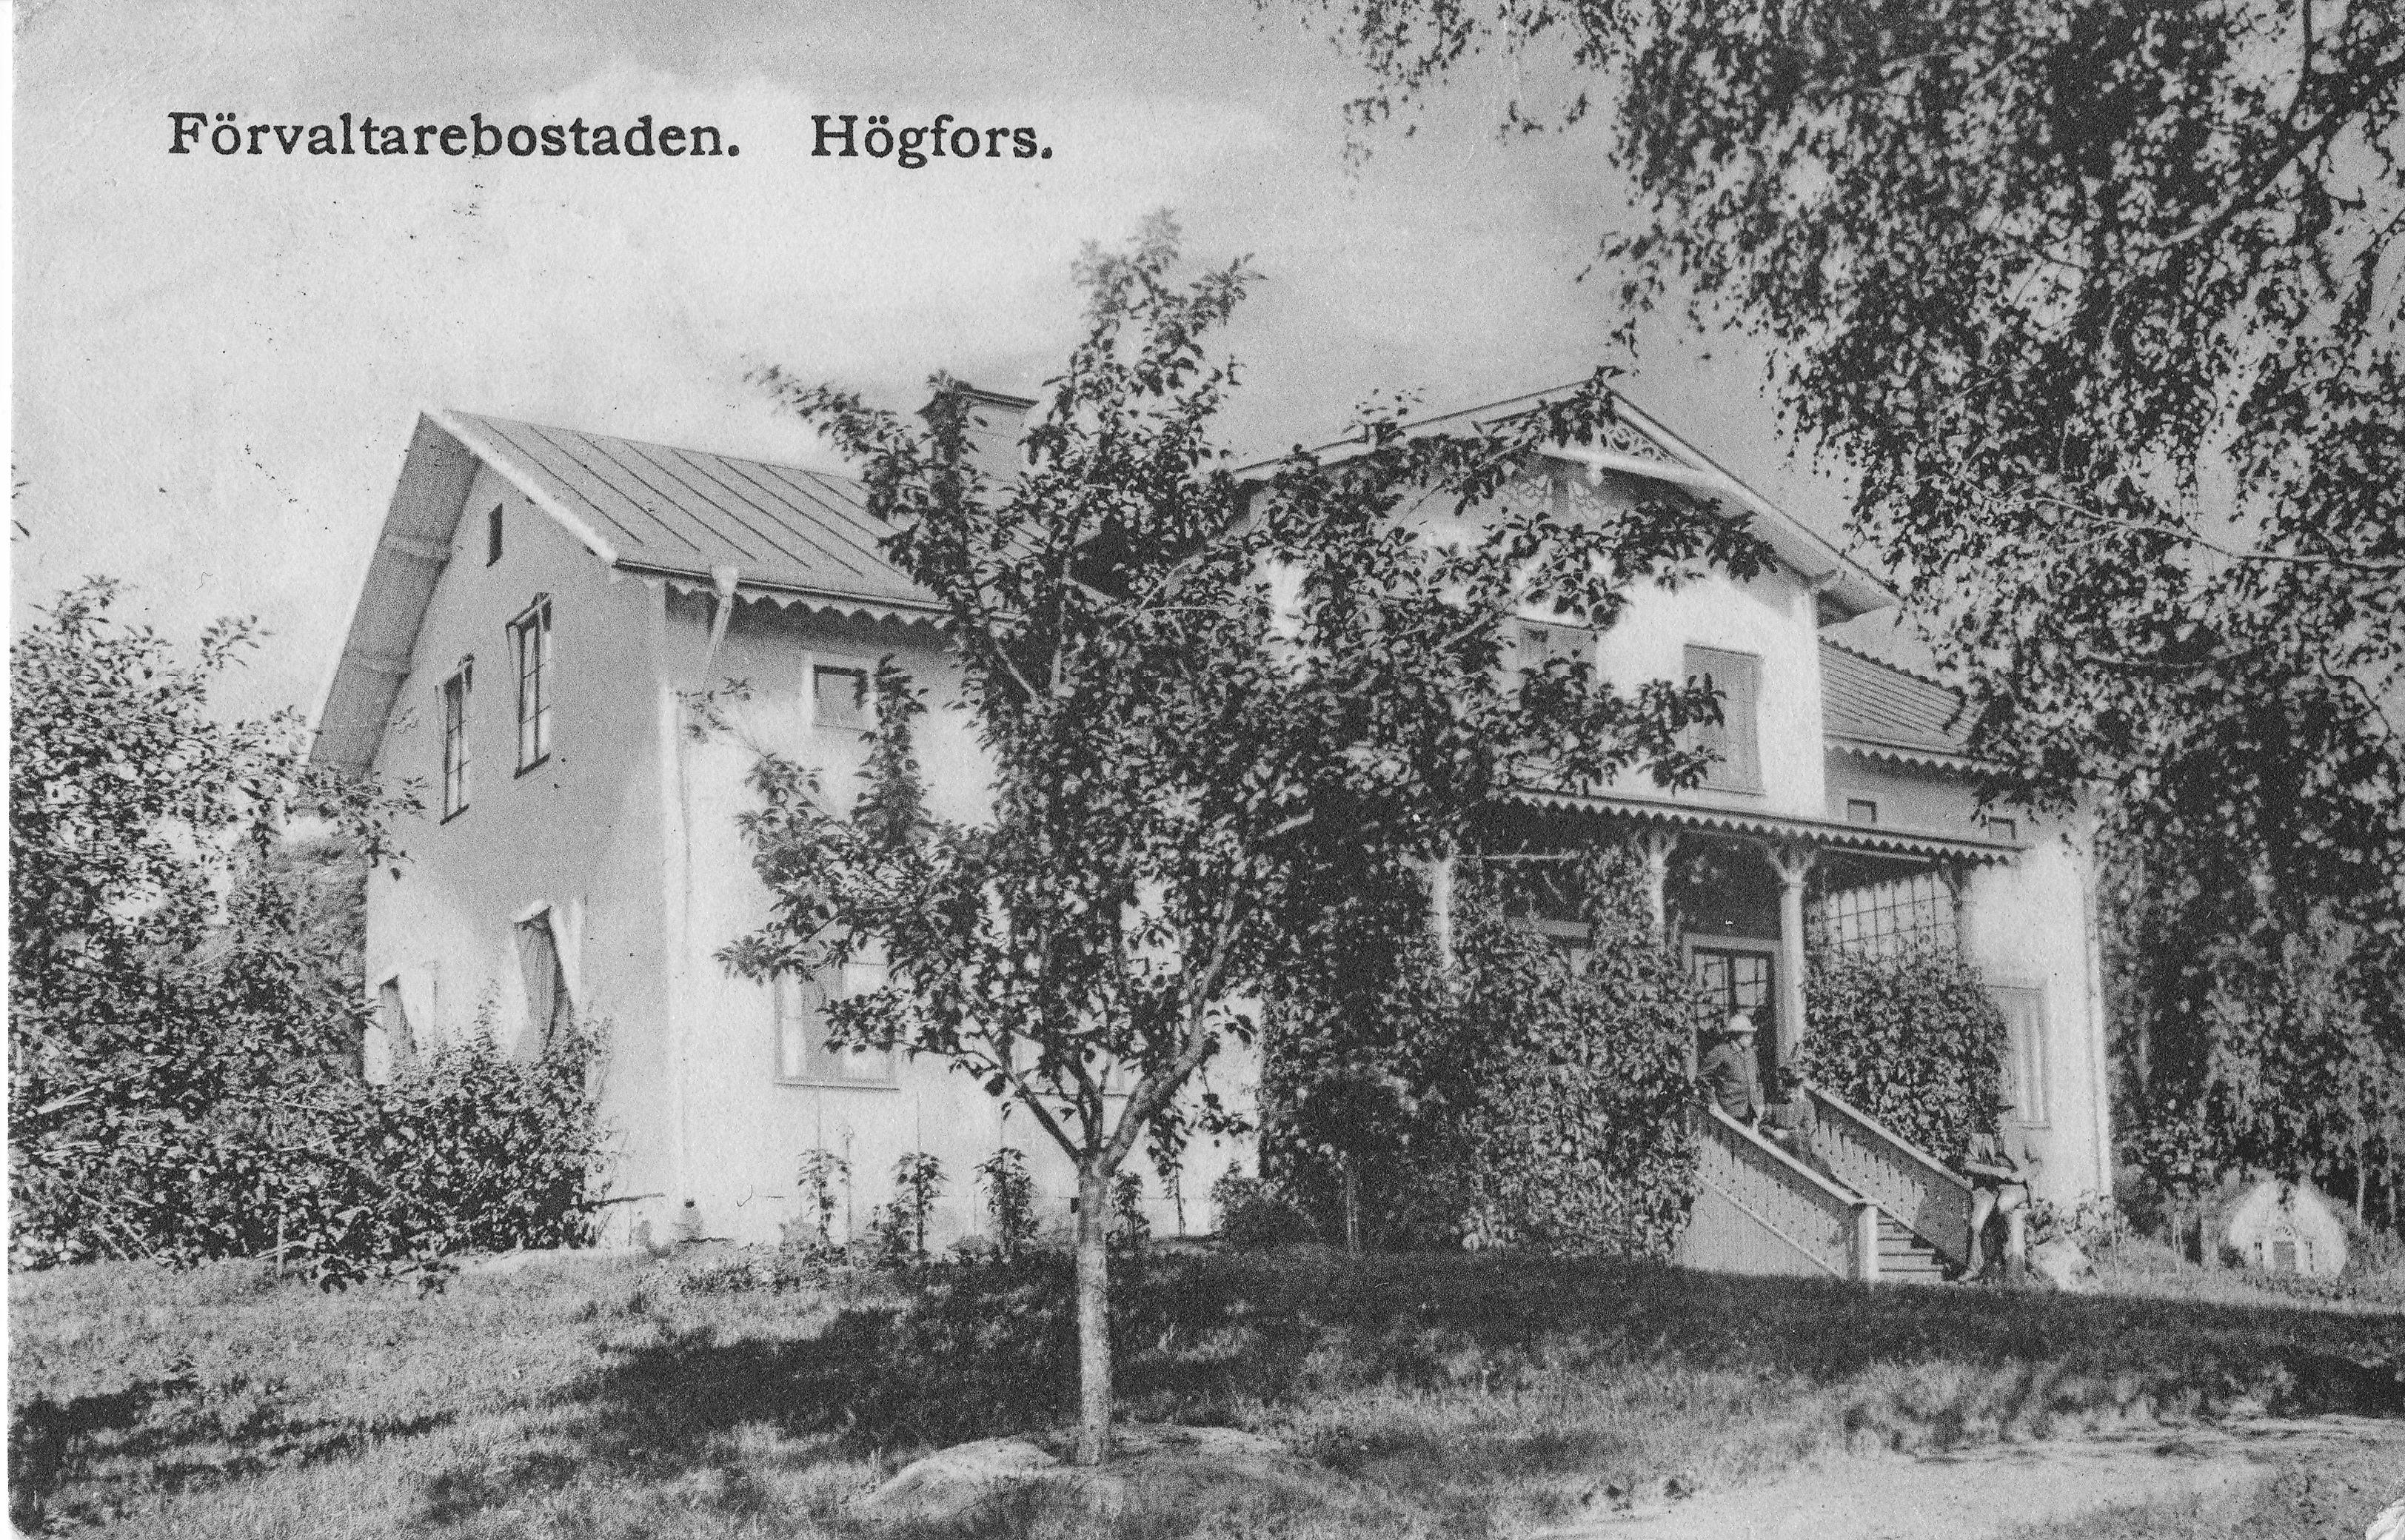 Förvaltarebostaden Högfors